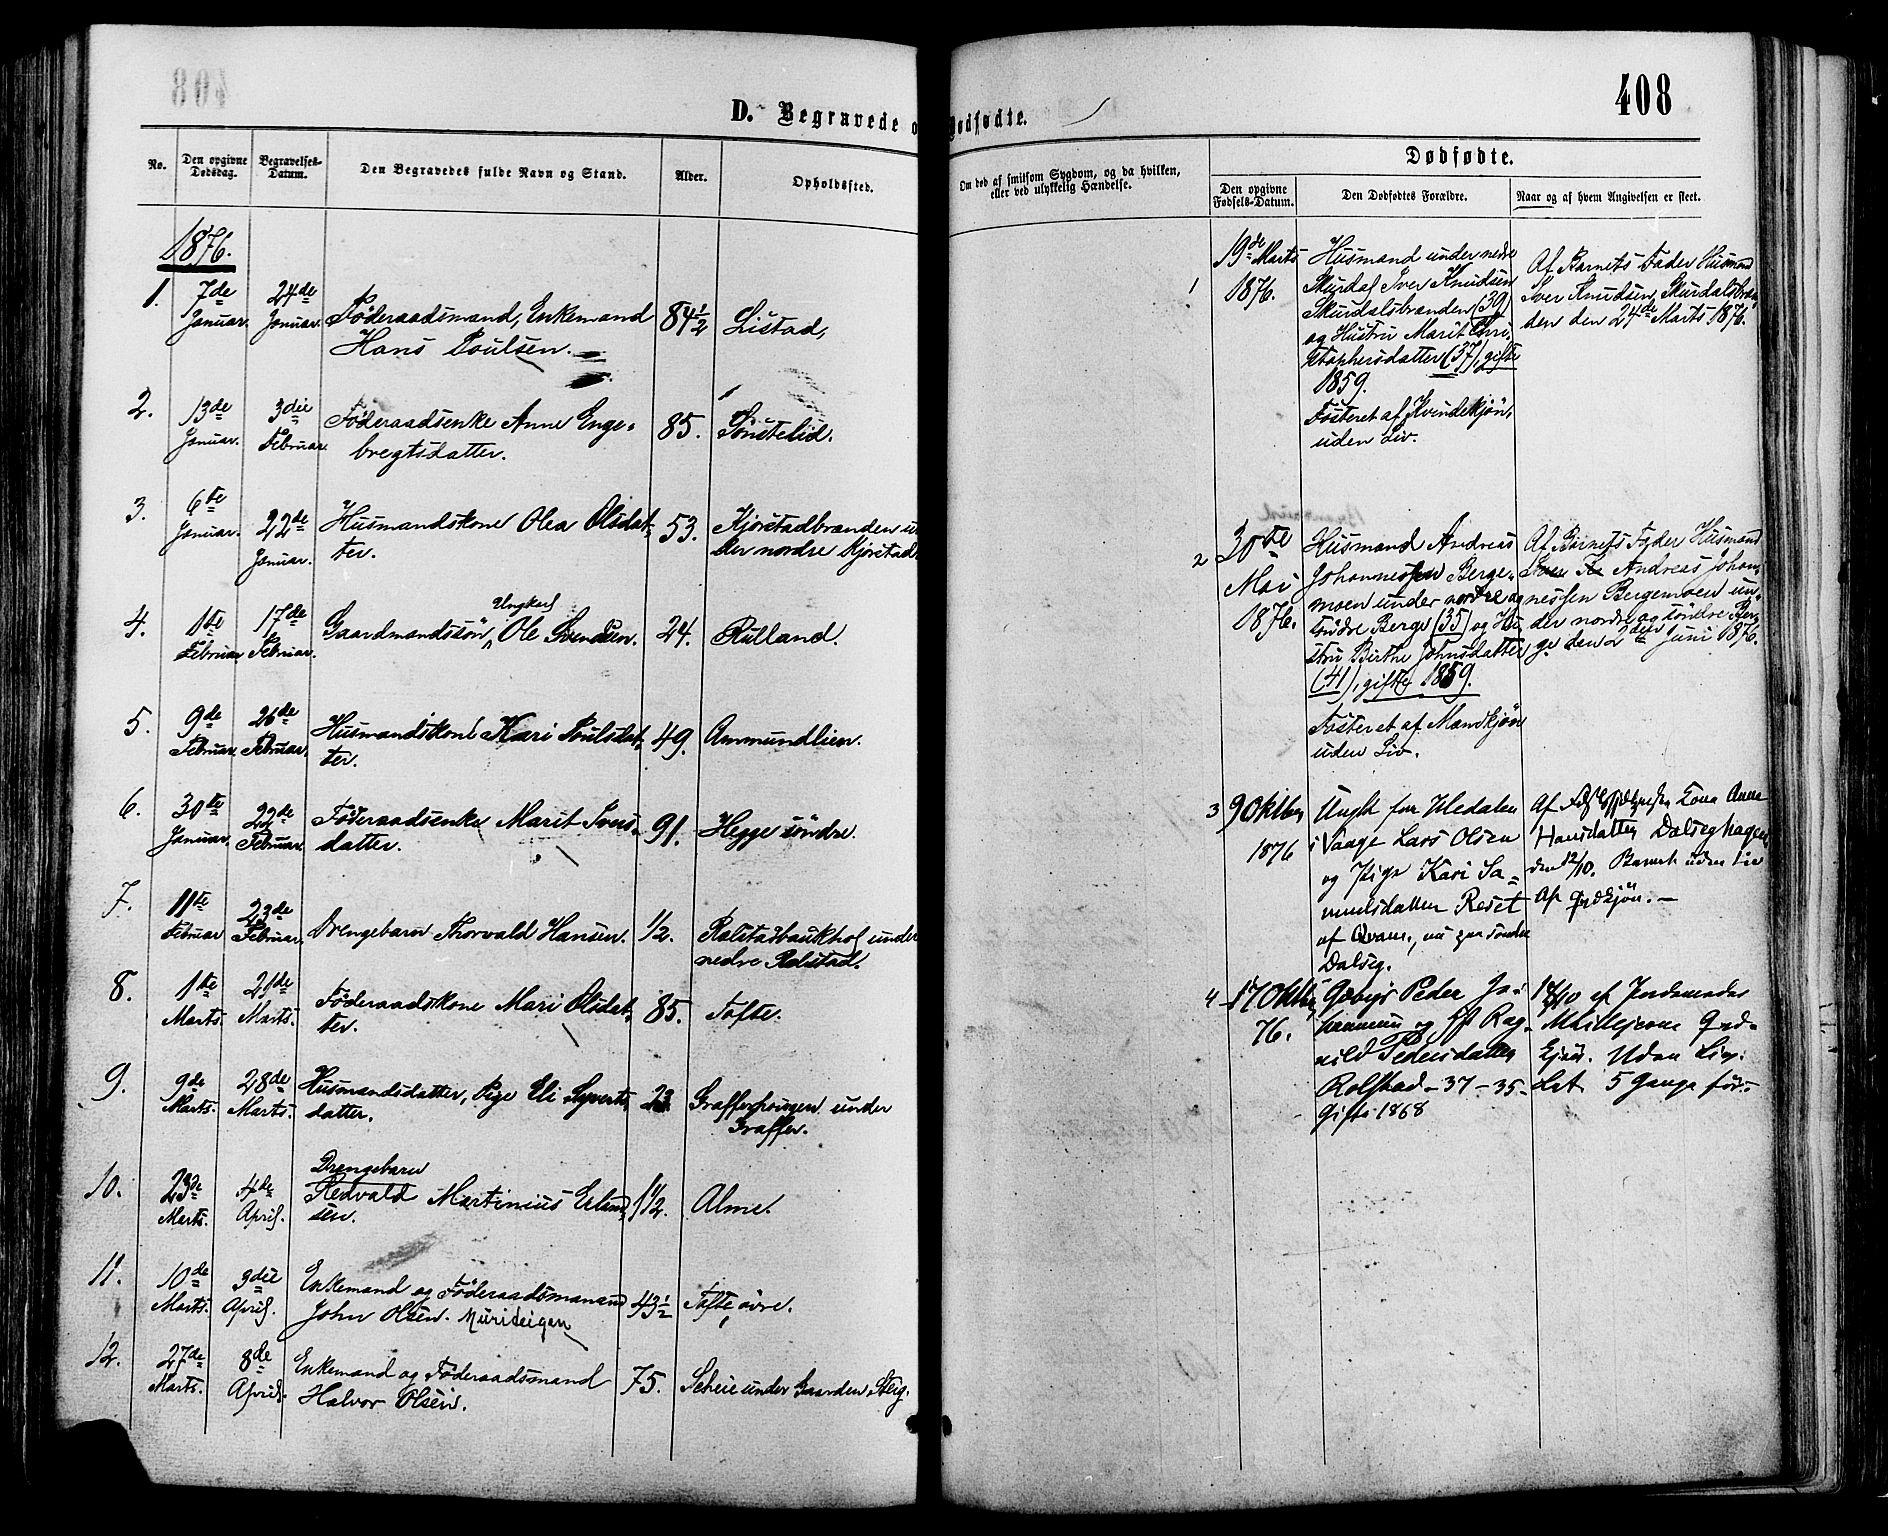 SAH, Sør-Fron prestekontor, H/Ha/Haa/L0002: Ministerialbok nr. 2, 1864-1880, s. 408